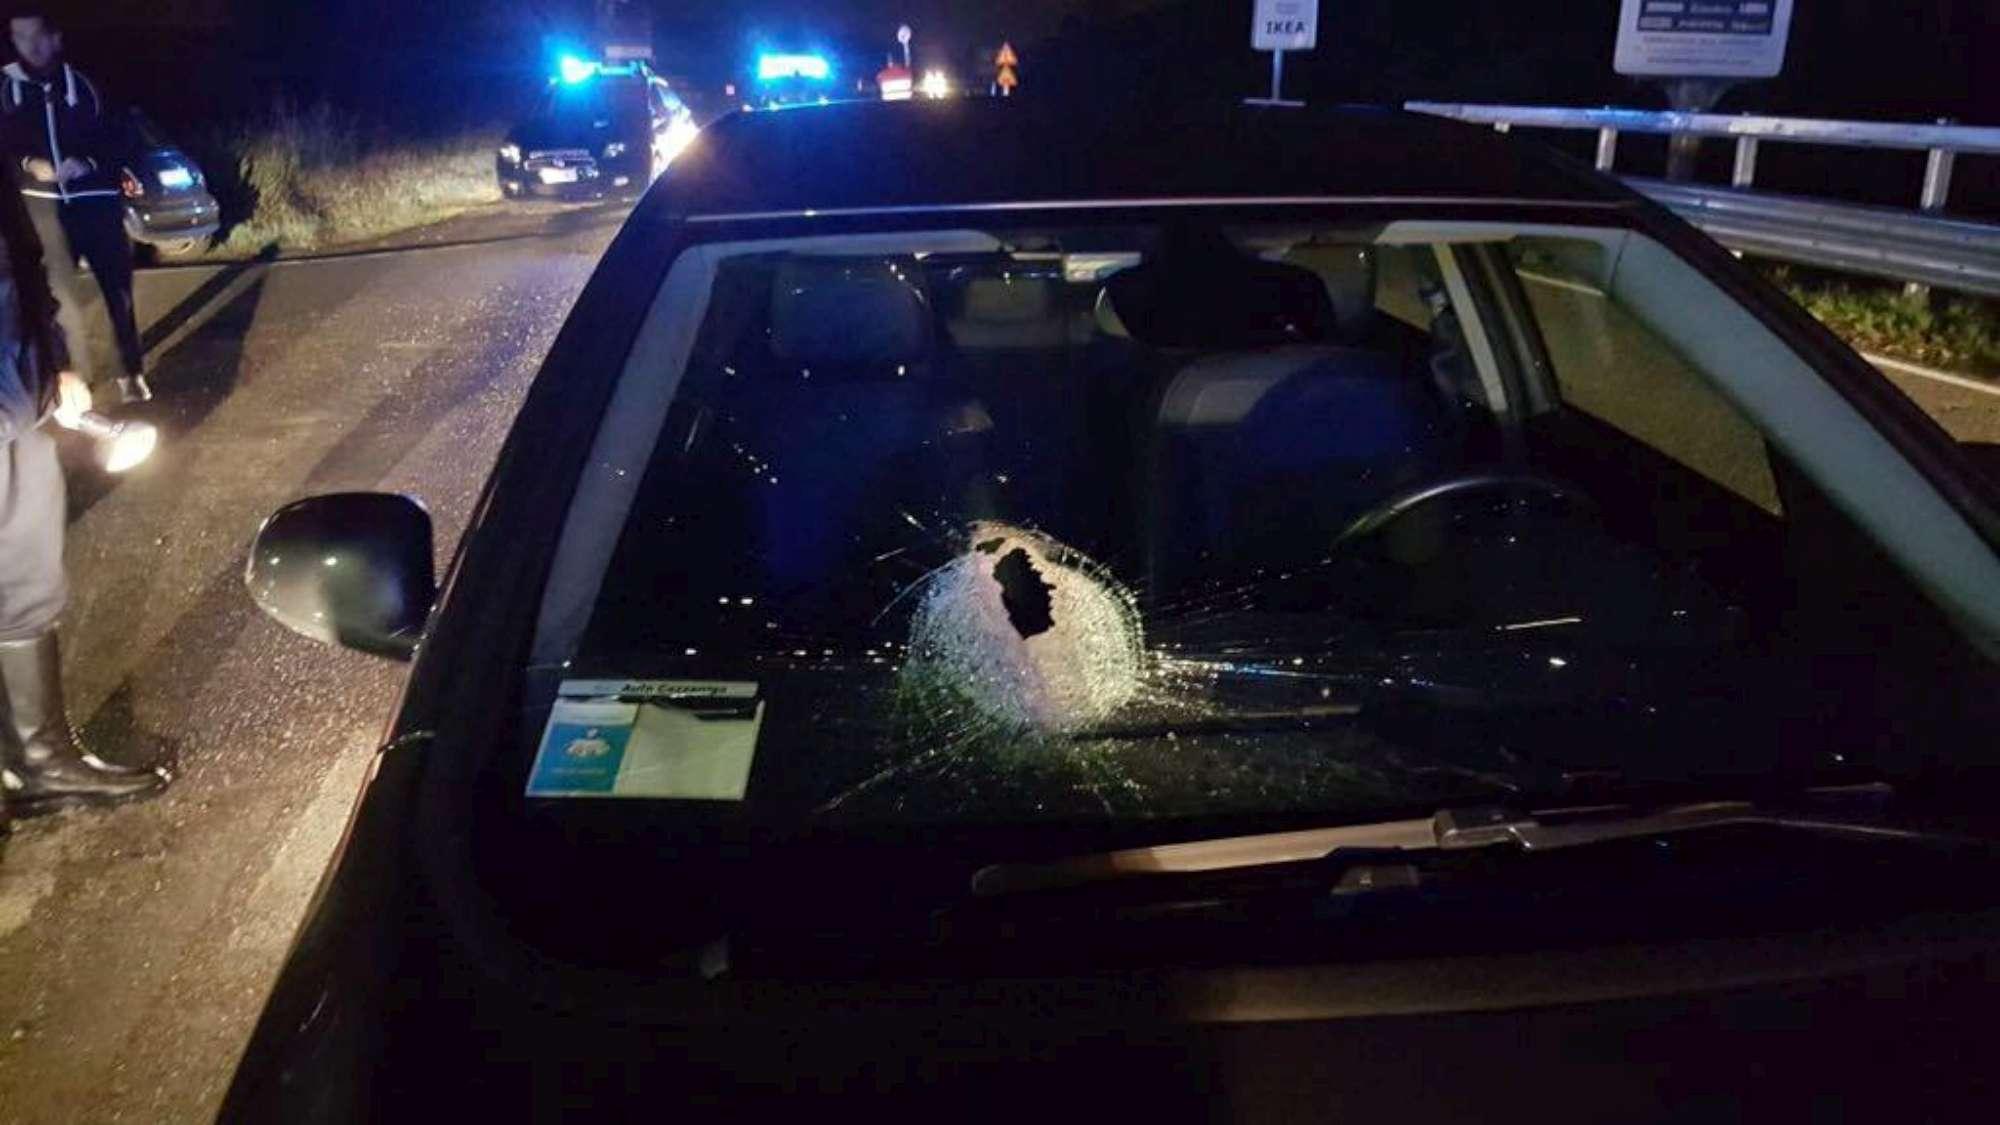 Cernusco sul Naviglio, sasso lanciato su un auto: donna muore per lo shock